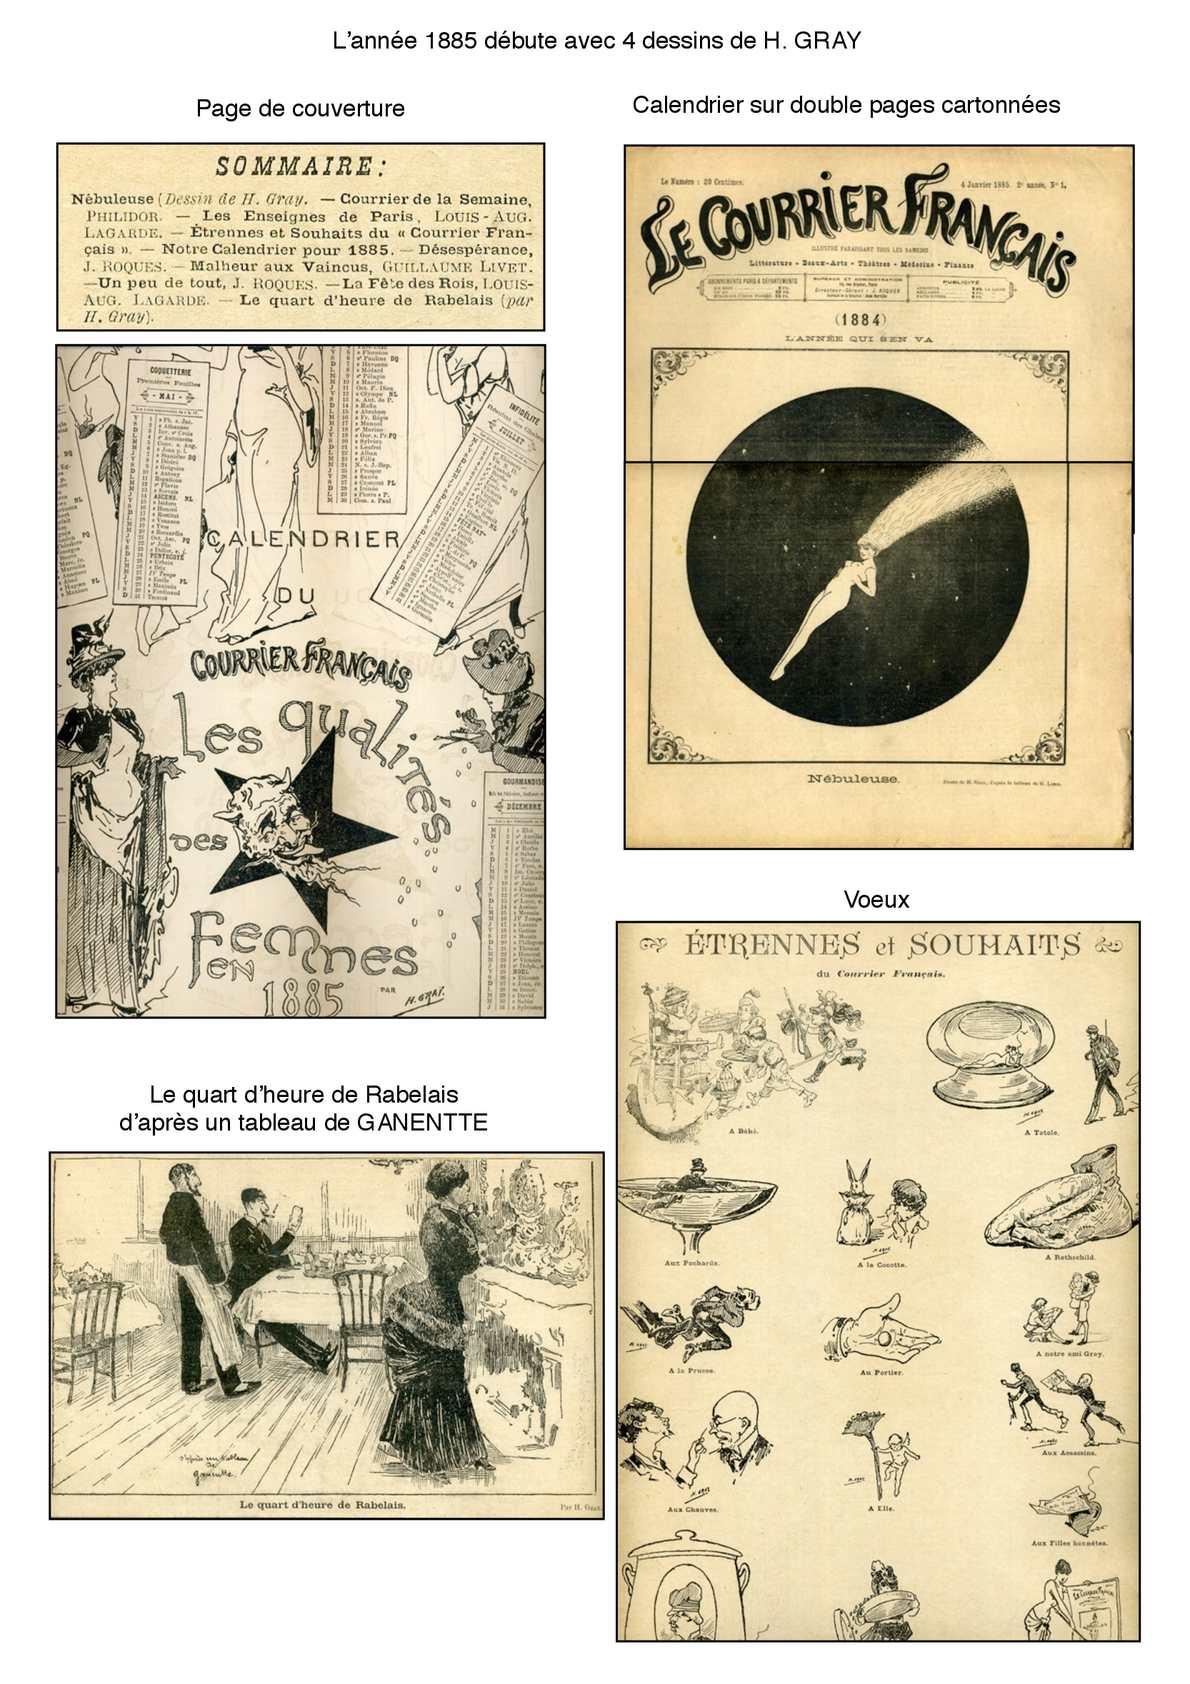 Le Courrier Français 1885